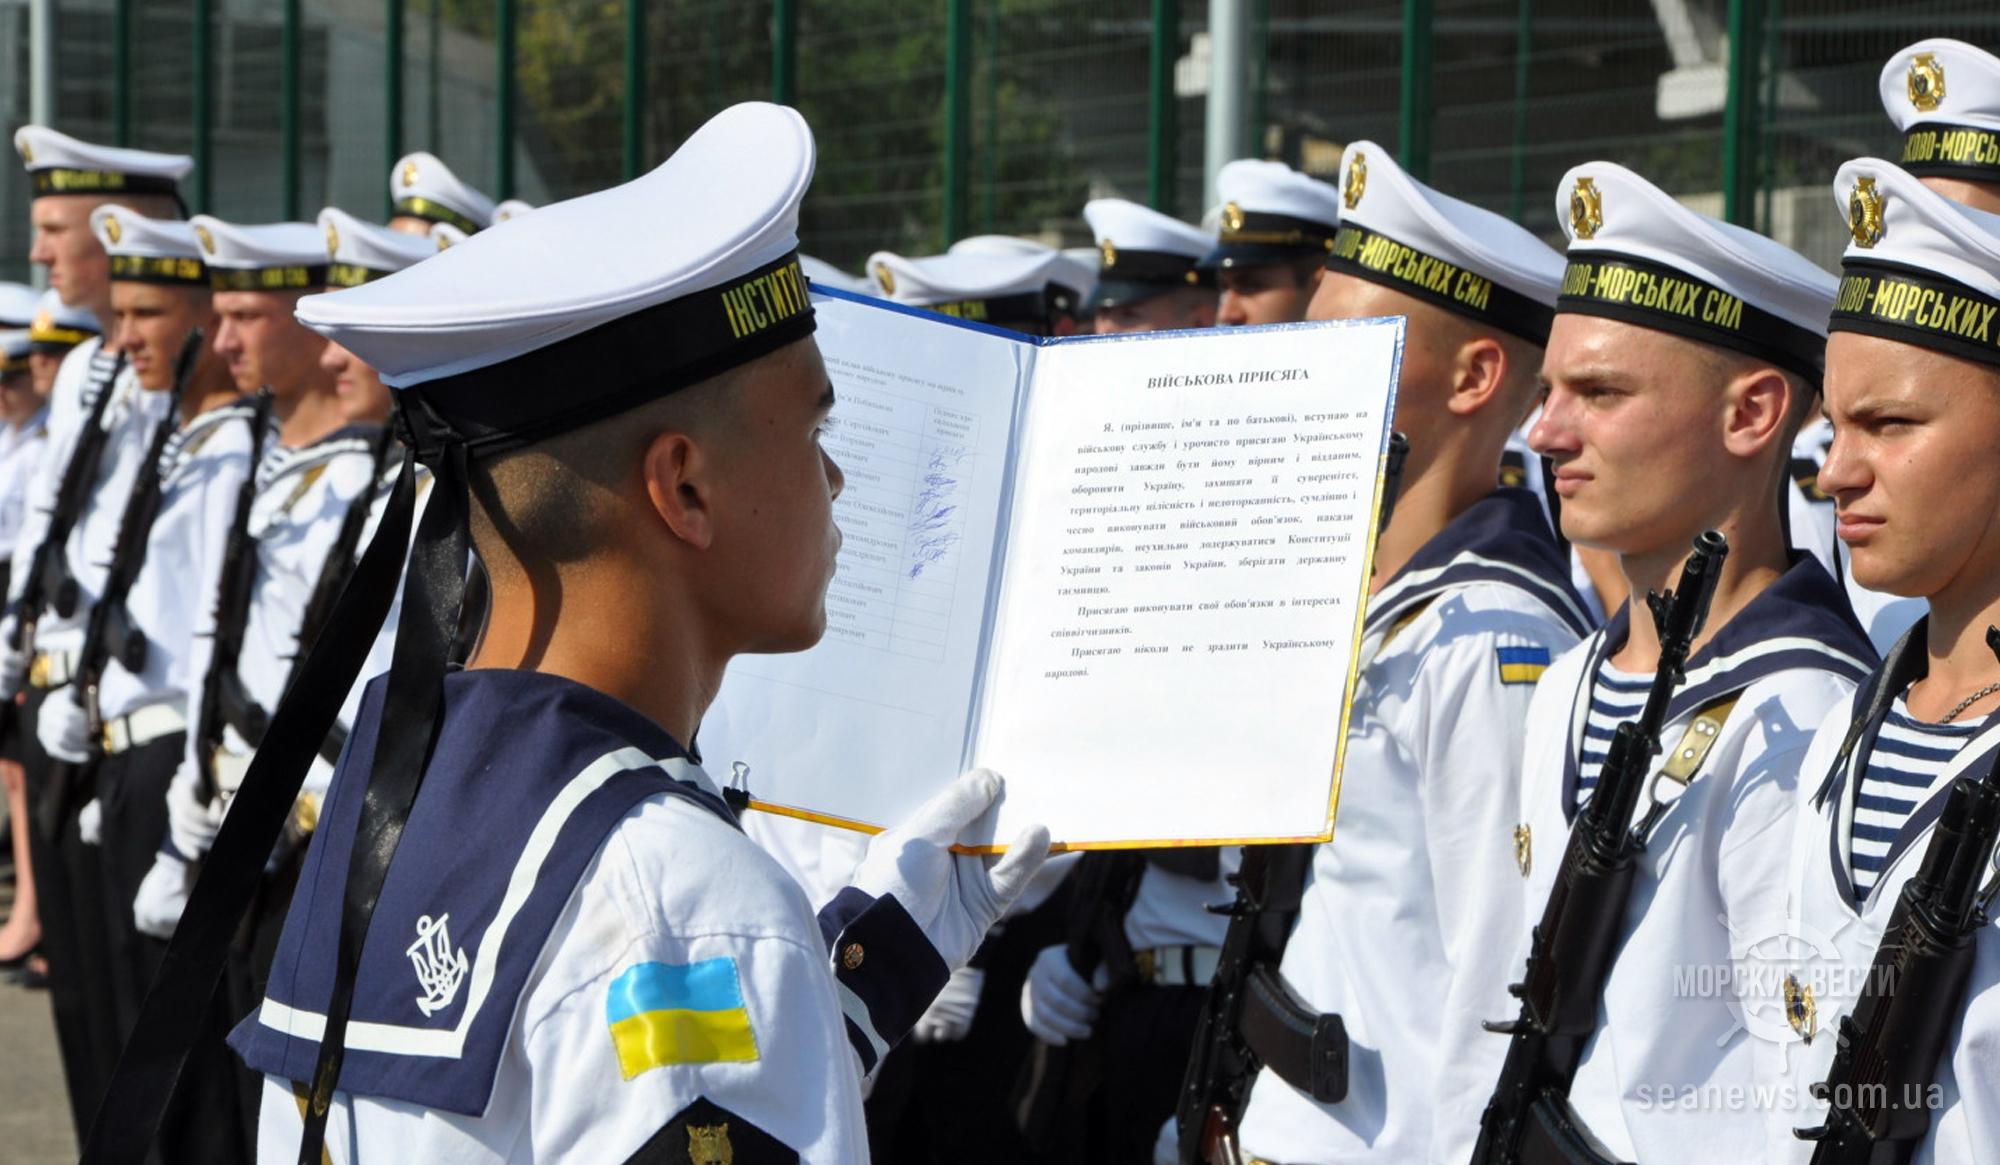 В Одессе состоялся выпуск старшин ВМС Украины